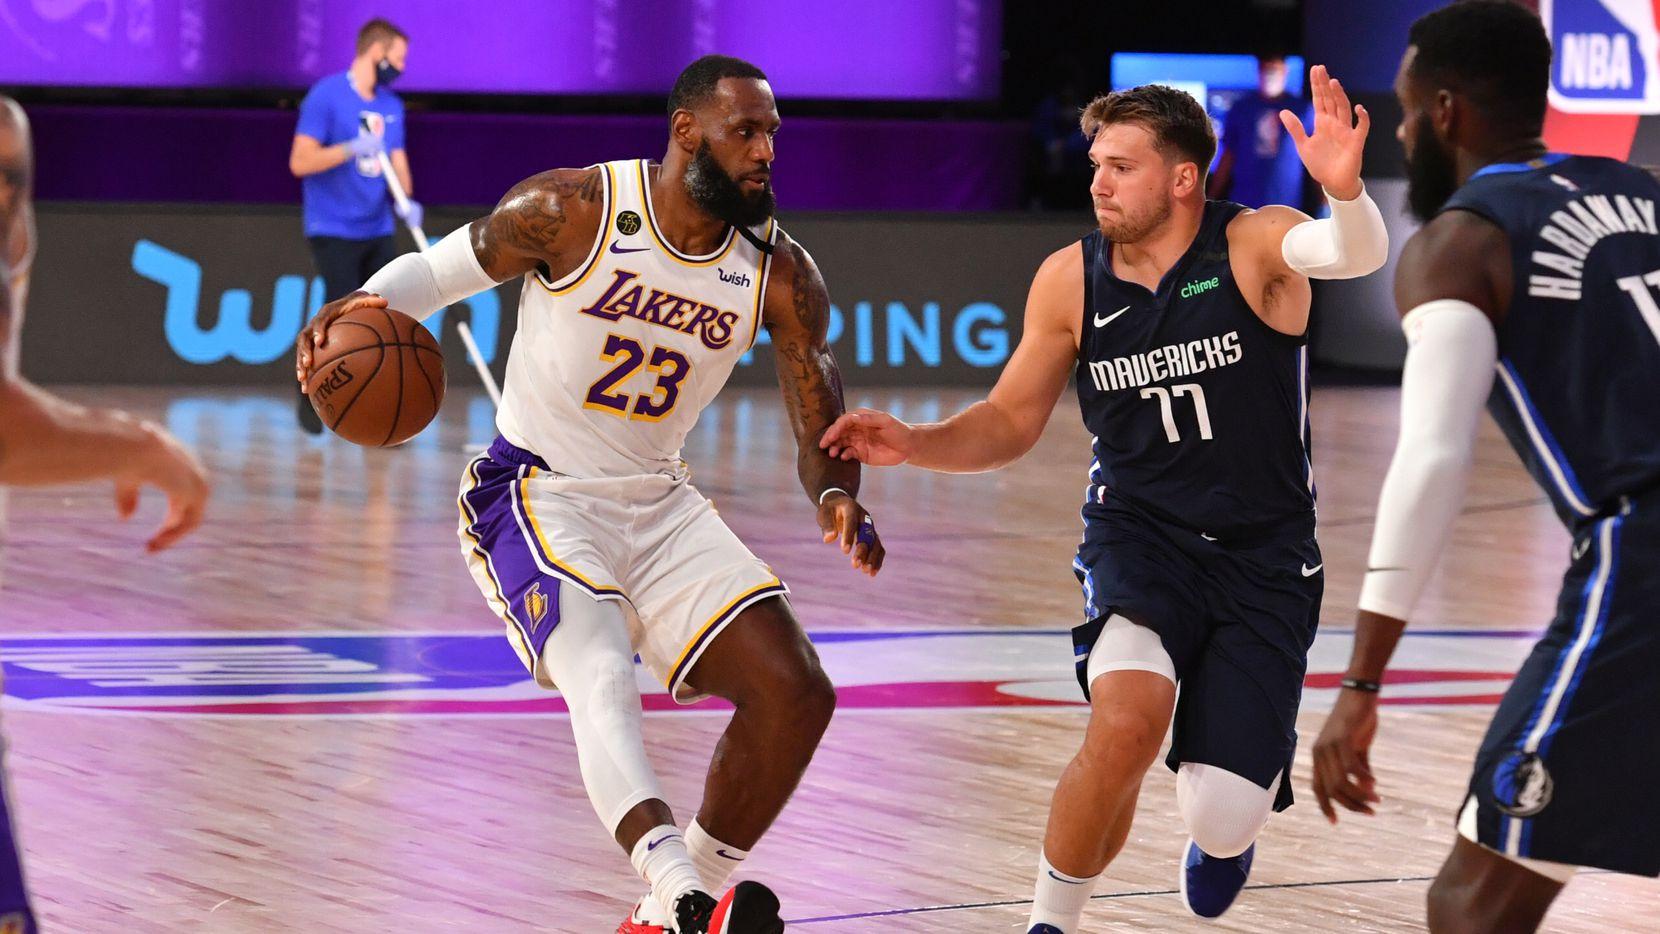 El jugador de los Dallas Mavericks, Luka Doncic (77), marca al jugador de los Lakers de Los Ángeles, LeBron James (23), en un juego realizado el 23 de julio de 2020 en Orlando, Florida.